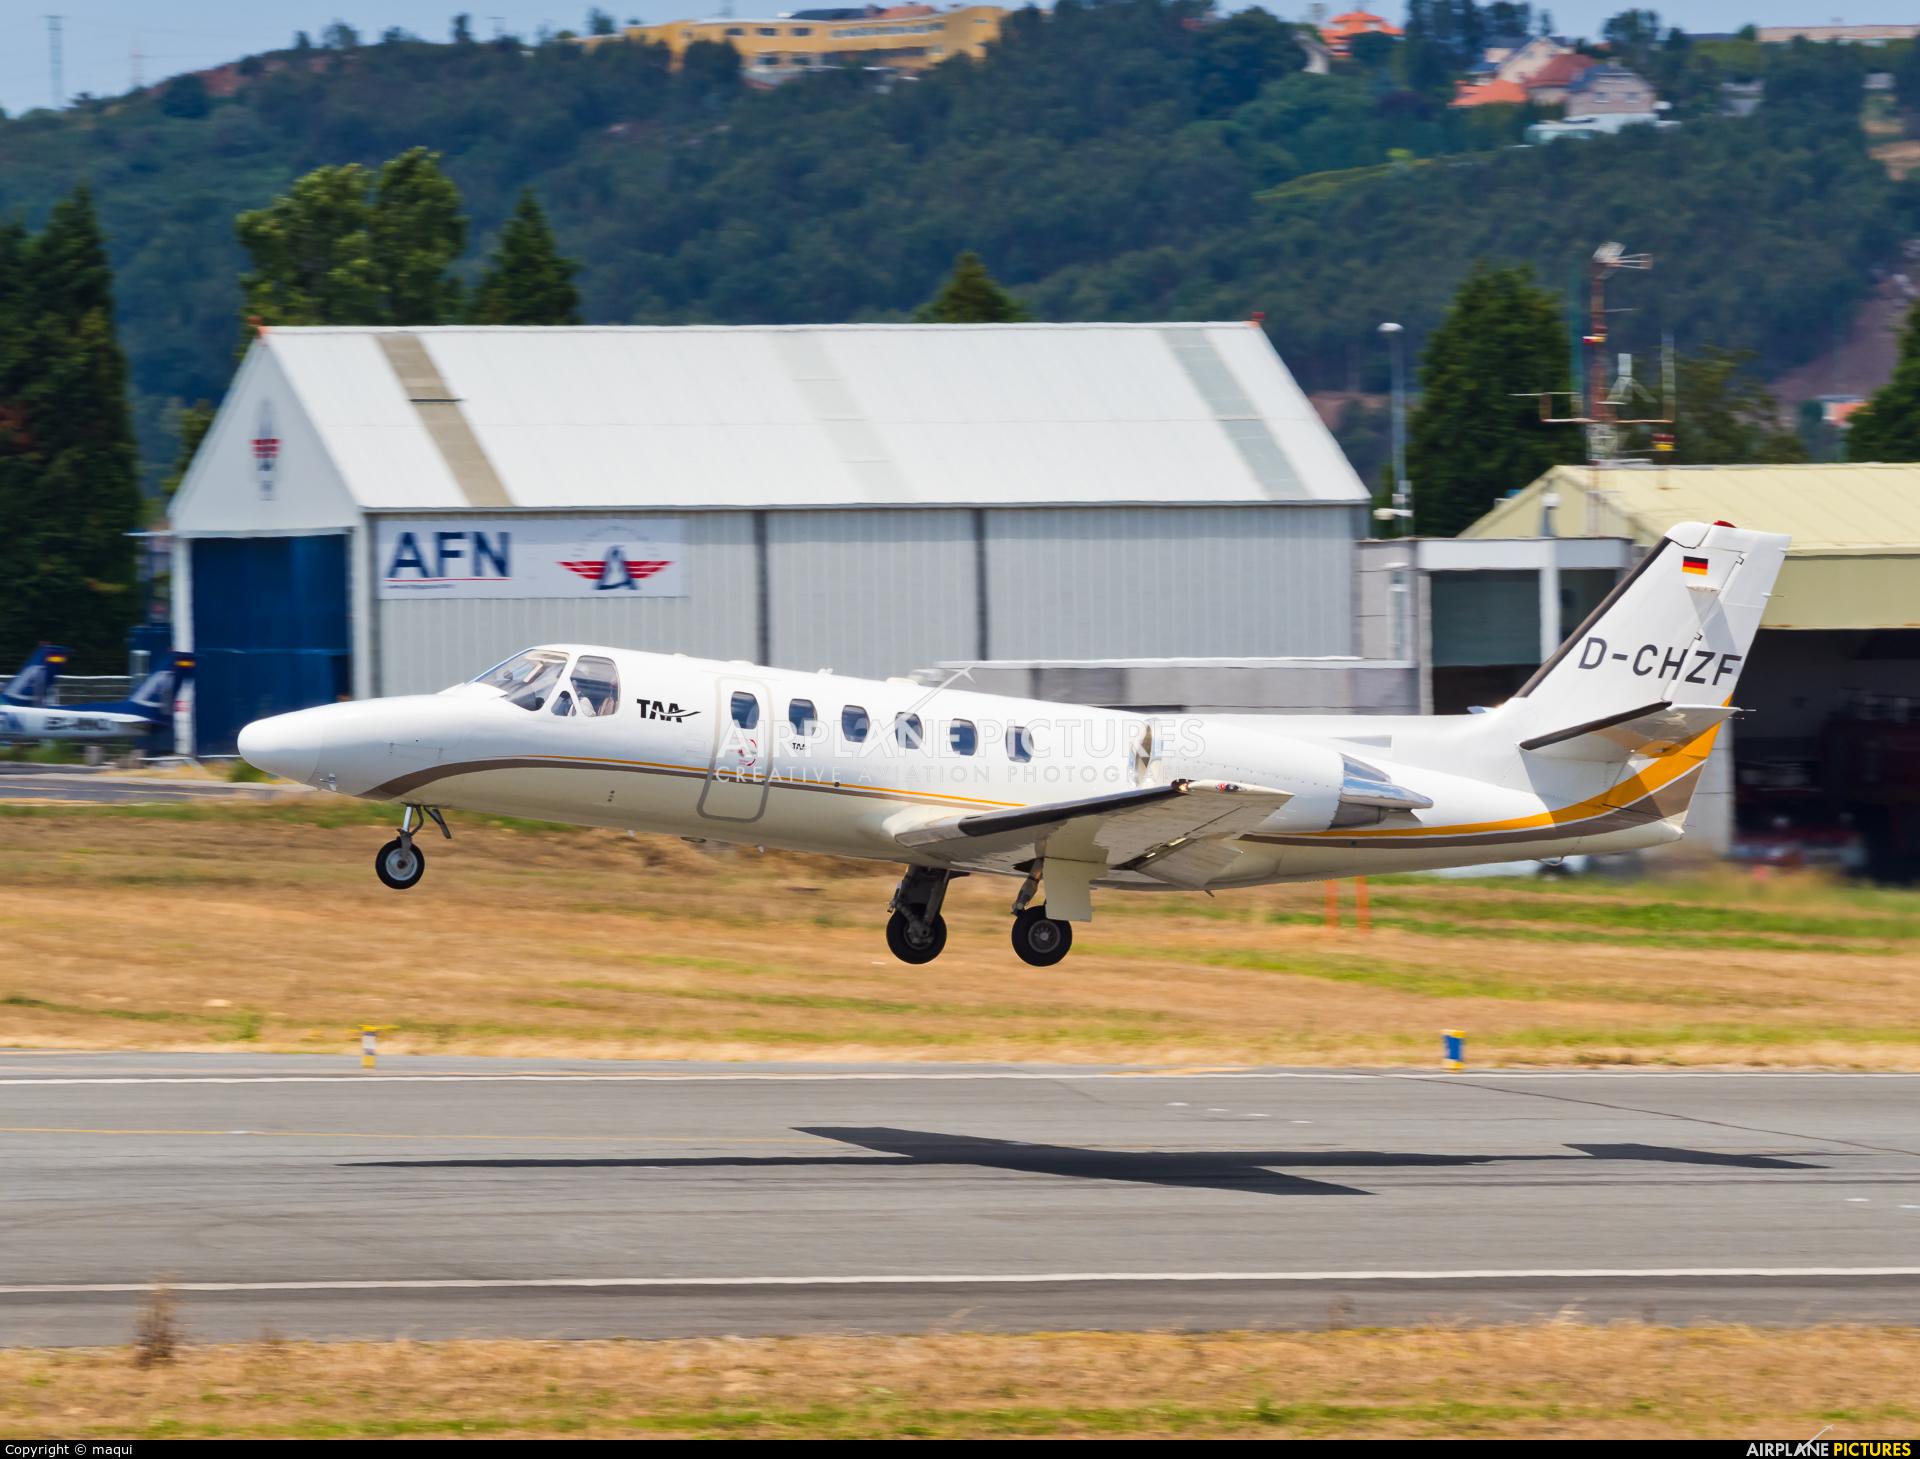 Tyrol Air Ambulance D-CHZF aircraft at La Coruña